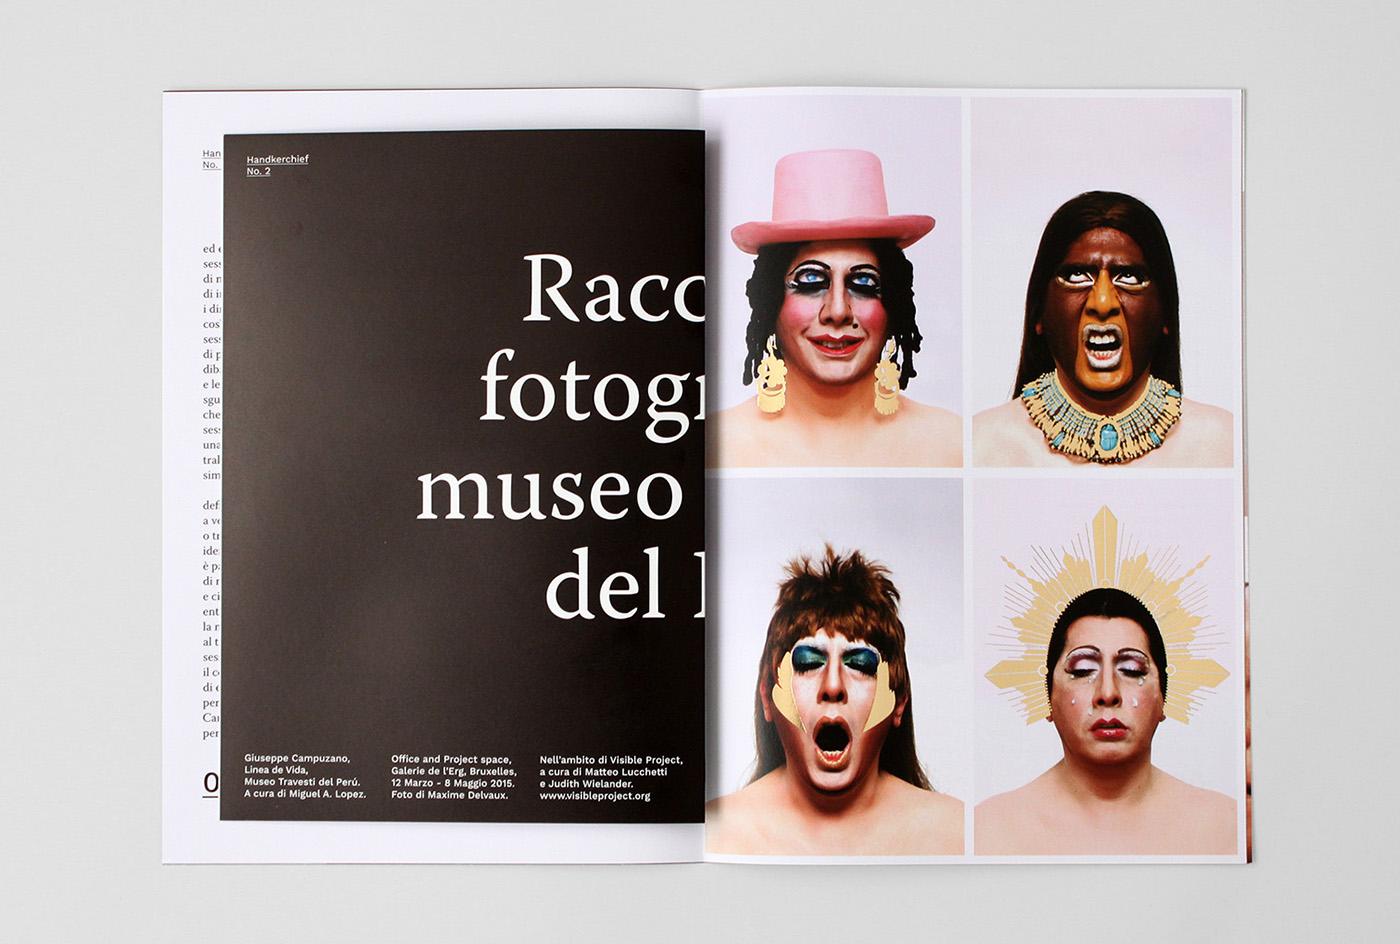 Handkerchief LGBT homofobia magazine transphobia